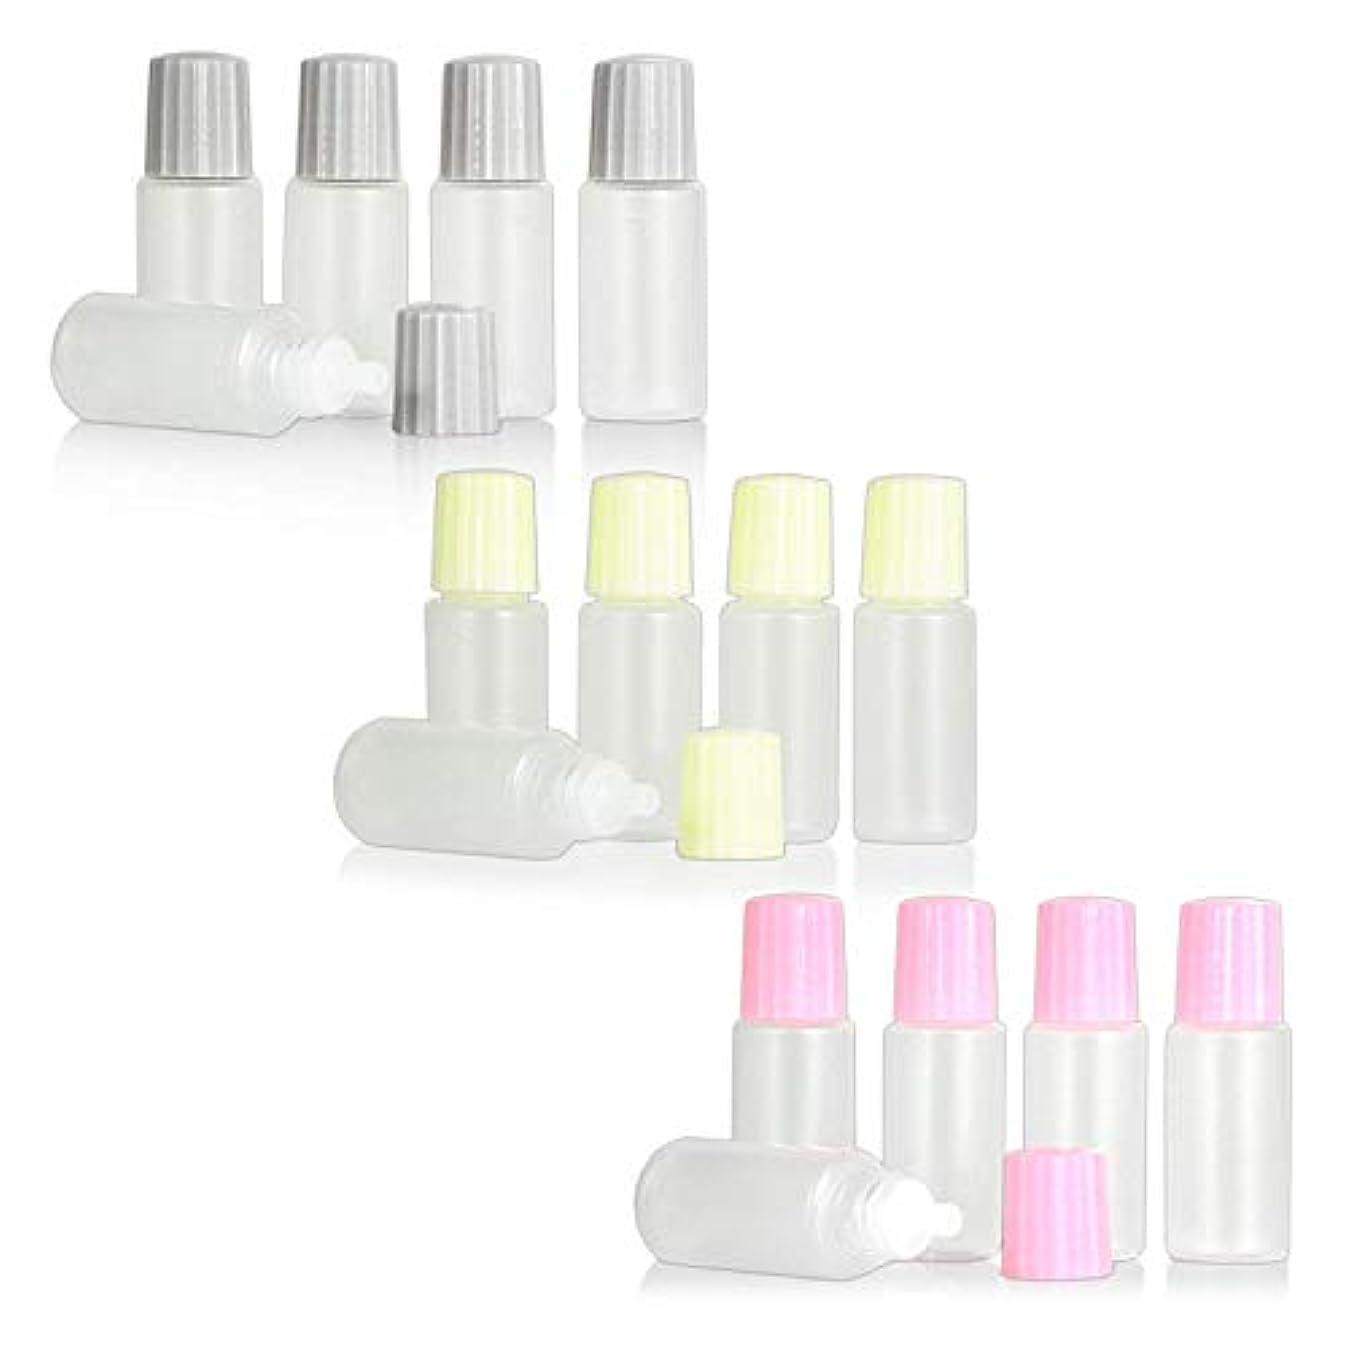 スポイトタイプ点眼容器 10ml 3色キャップ?各5本セット ピンク?クリーム色?グレー